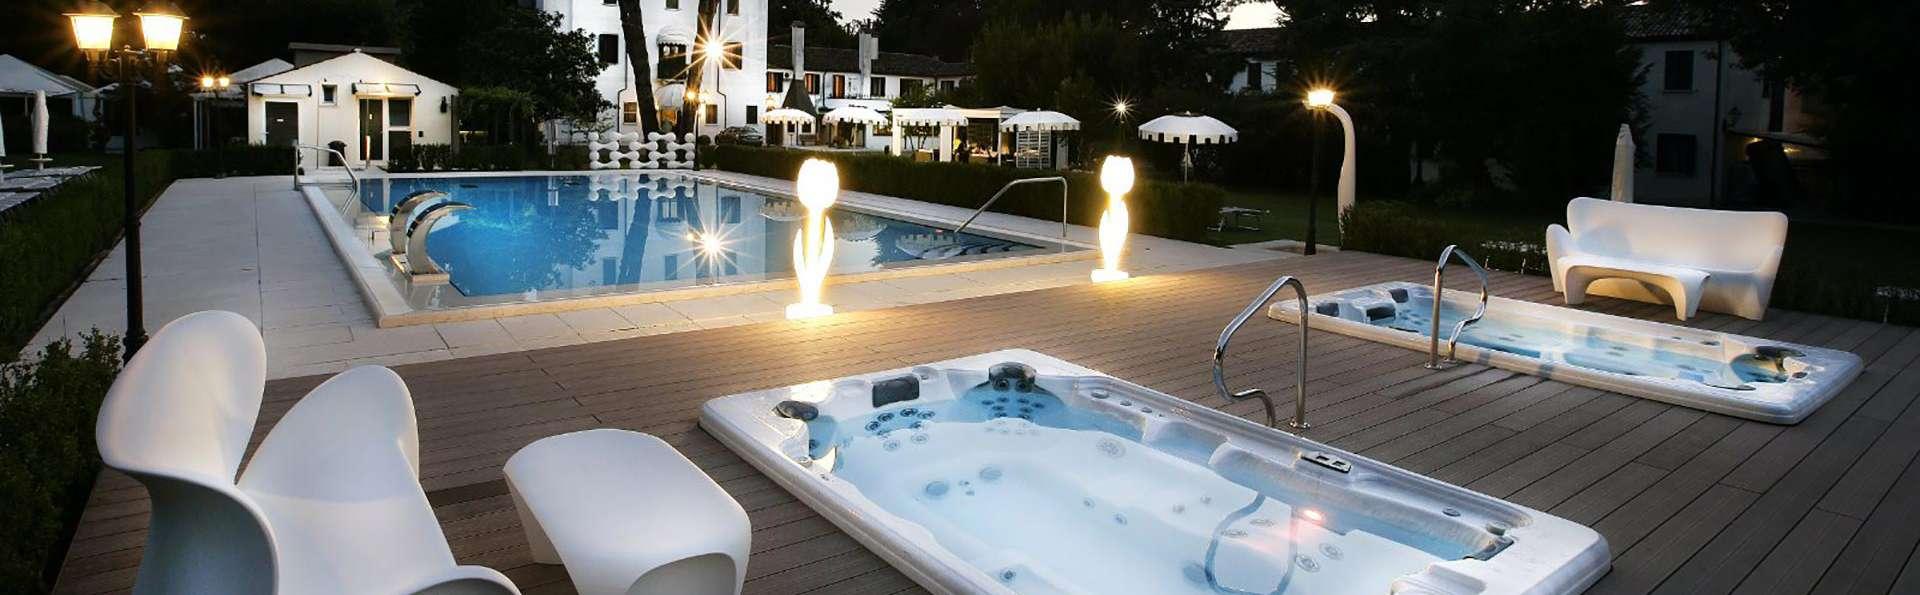 Park Hotel Villa Giustinian - EDIT_pool1.jpg